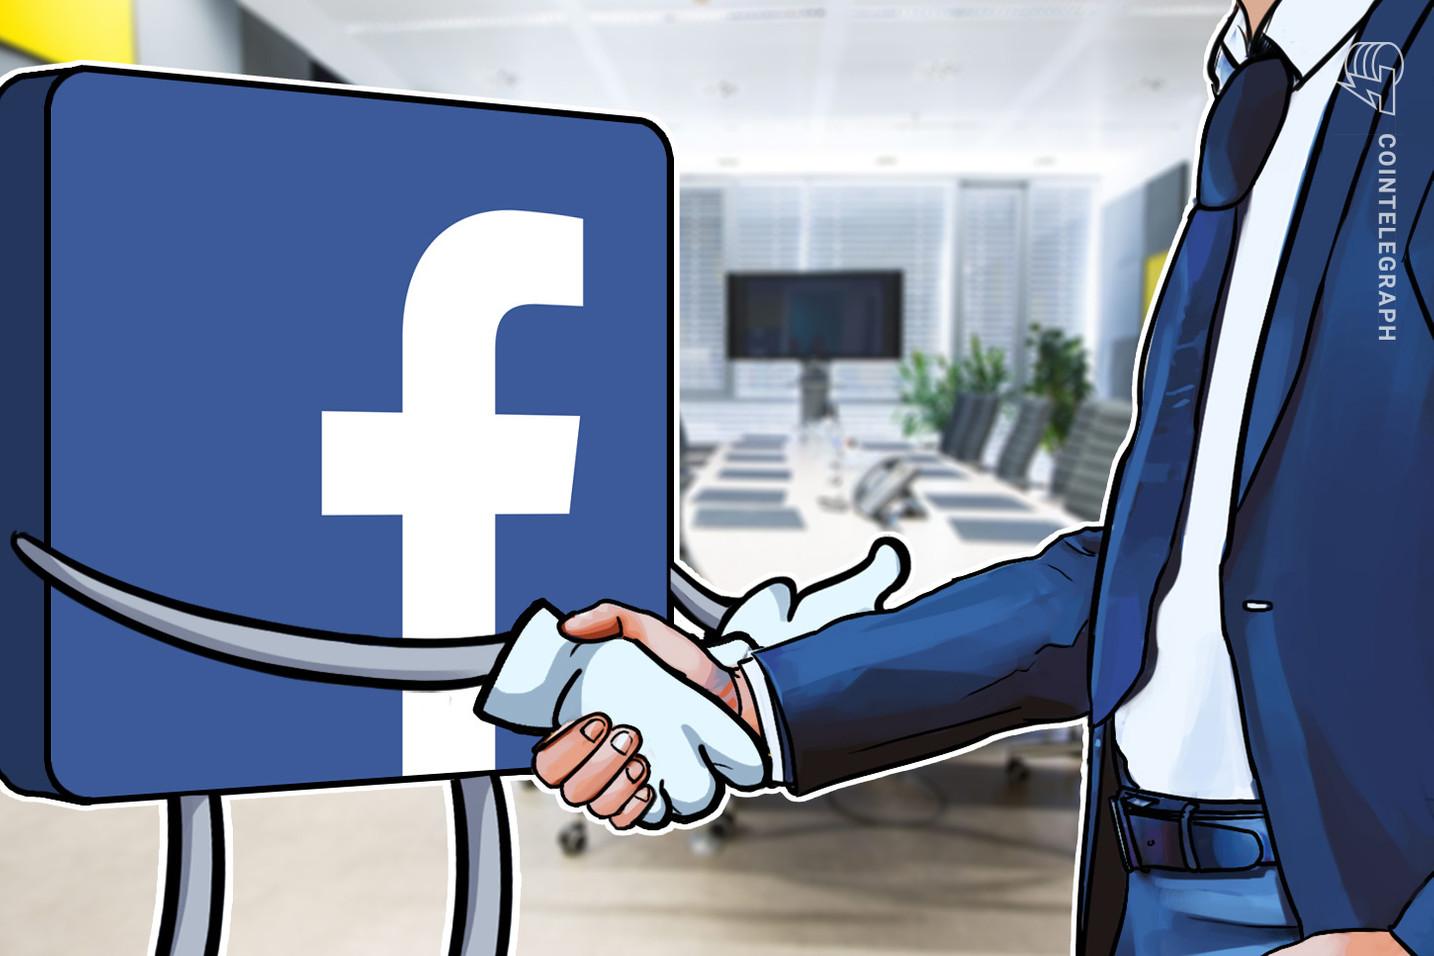 رويترز توفر التحقق من الحقائق لفيسبوك وسط الانتخابات الرئاسية الأمريكية لعام ٢٠٢٠